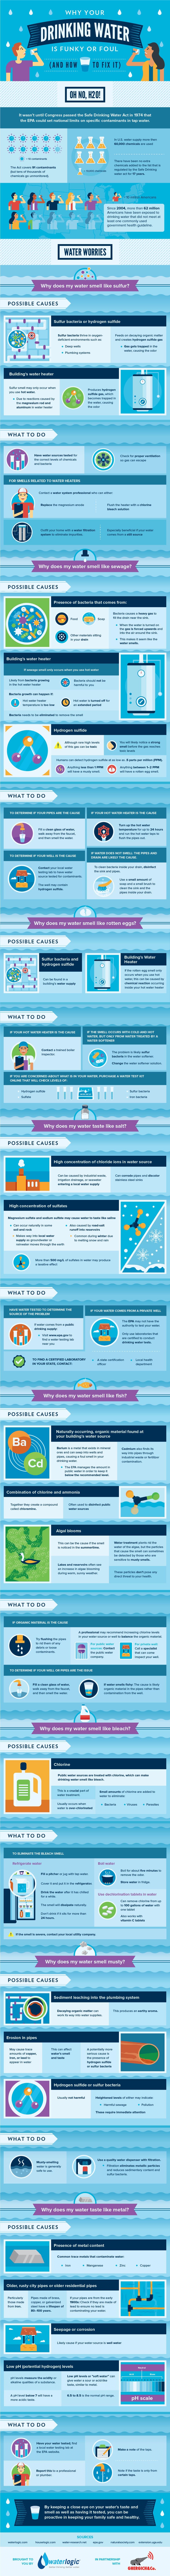 Beware Of Unsanitary Water! - Infographic